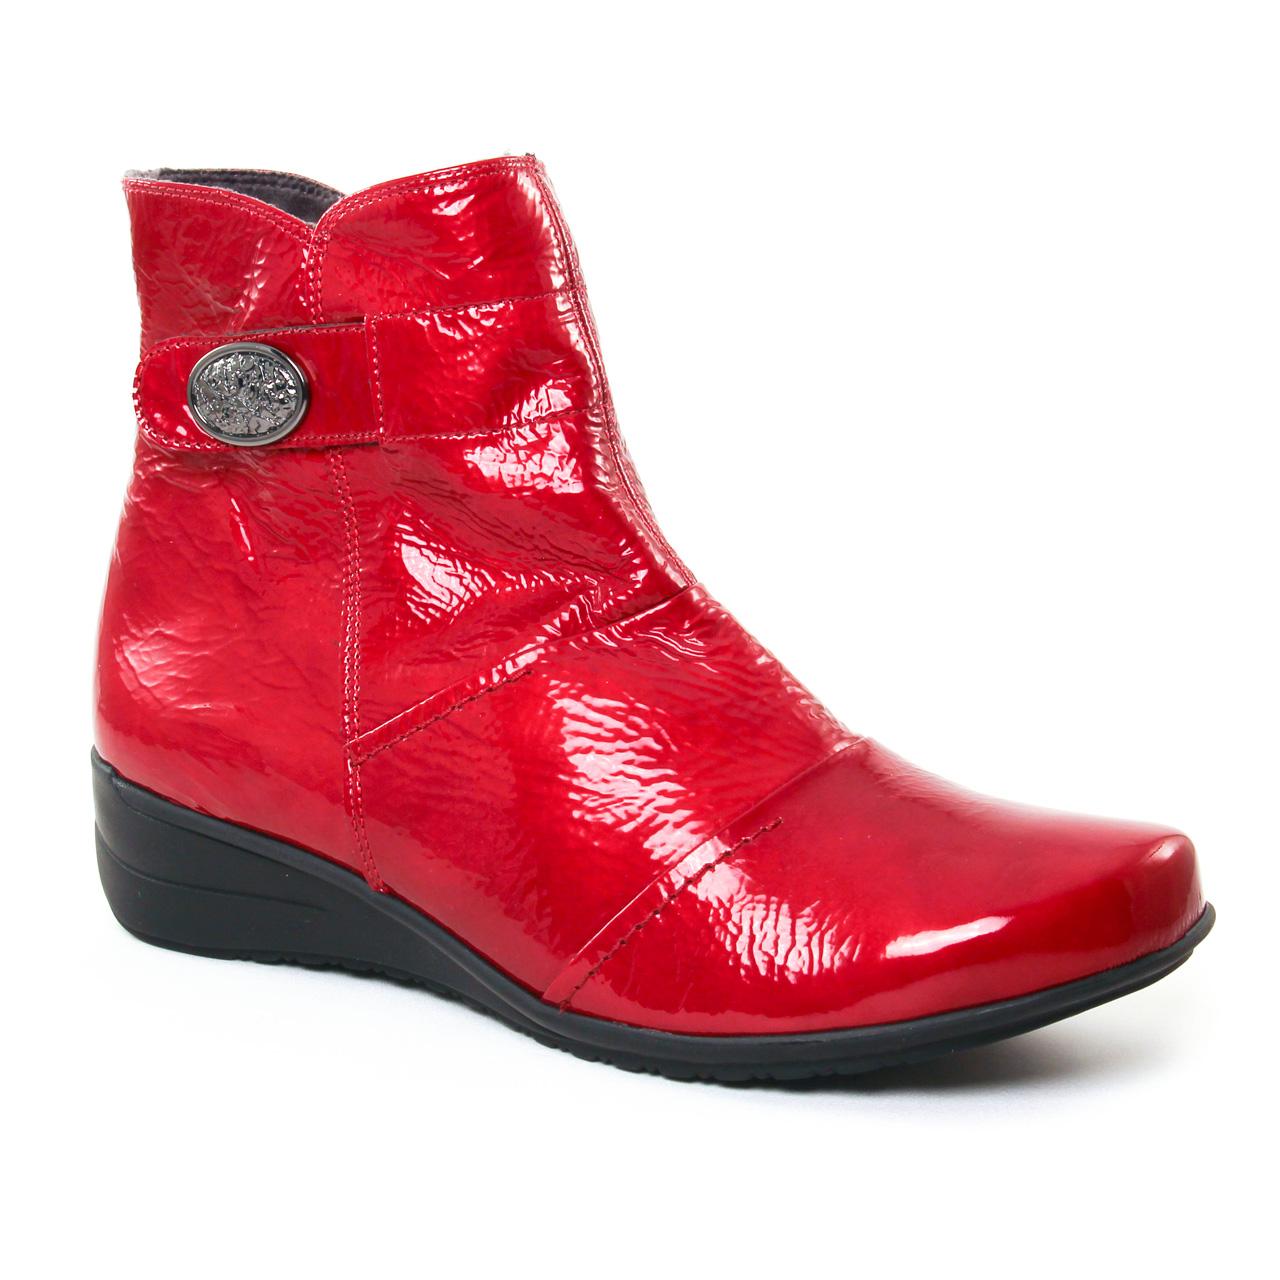 98d87a31a0de Geo Reino Estafora Vernis Hermes   boot confort rouge vernis automne ...